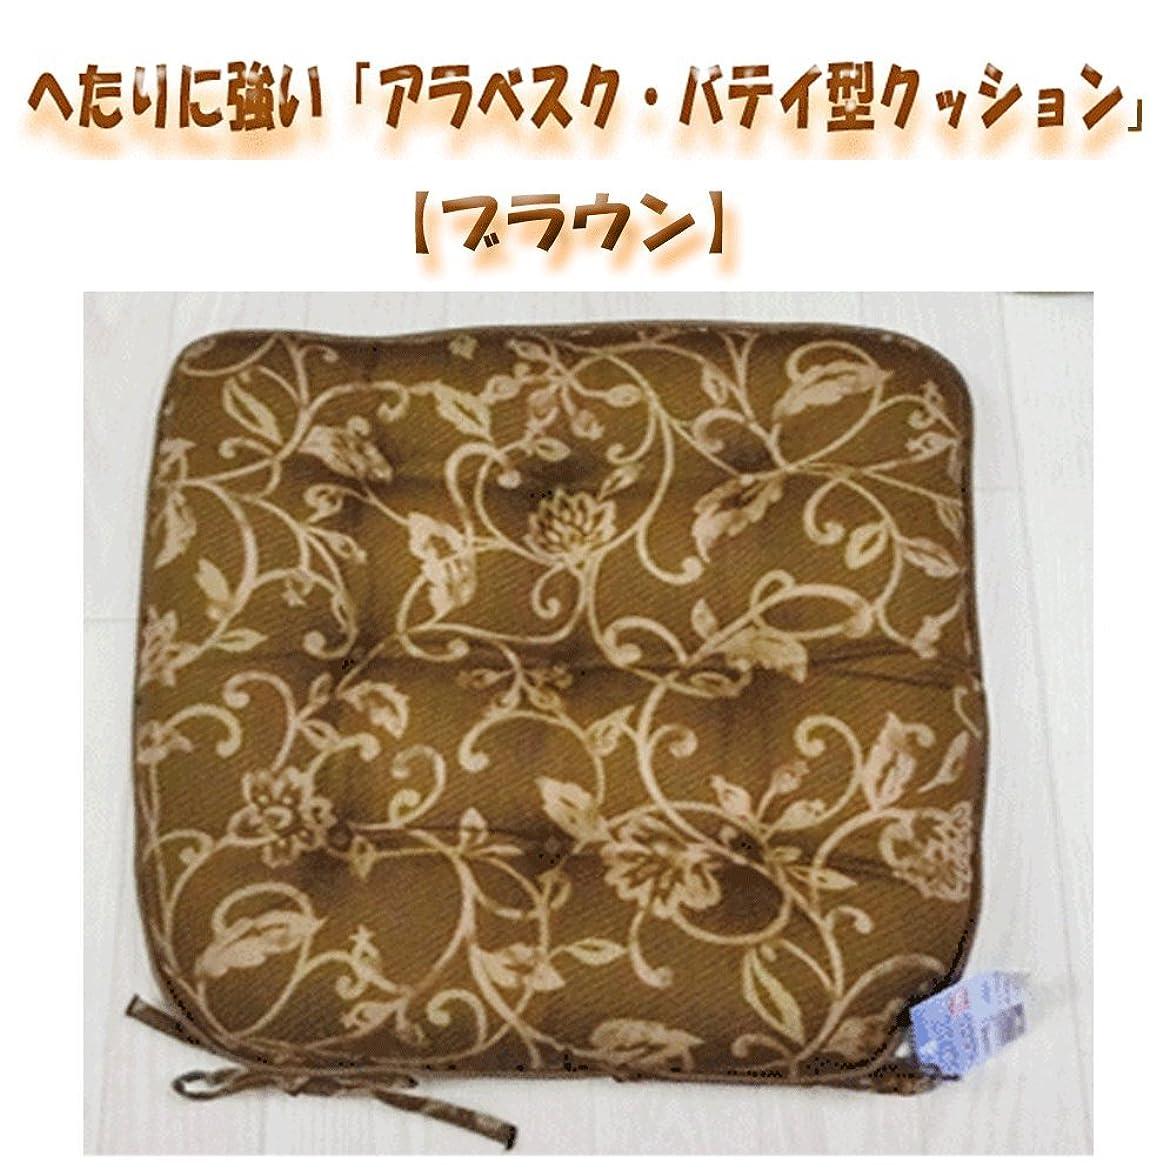 ピッチャー代替認識【アラベスク柄】へたりにくい バテイ型クッション【日本製】【ブラウン】サイズ(実寸):たて38cmxよこ40cm (ブラウン)